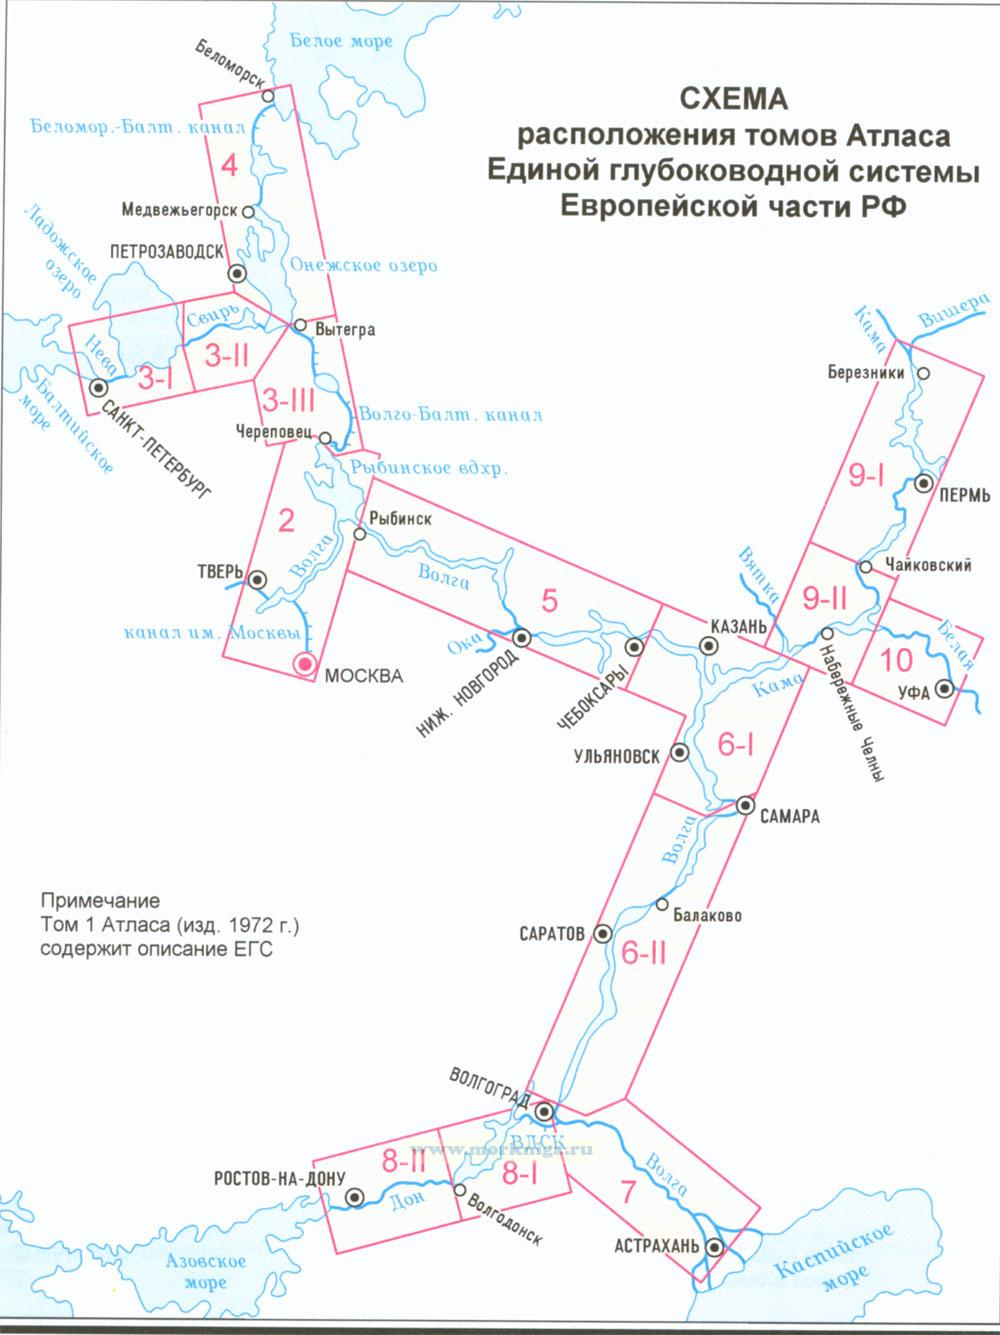 Атлас единой глубоководной системы Европейской части РФ. Том 3. Часть 2. Волго-Балтийский водный путь. Река Свирь на начало навигации 2020 г.